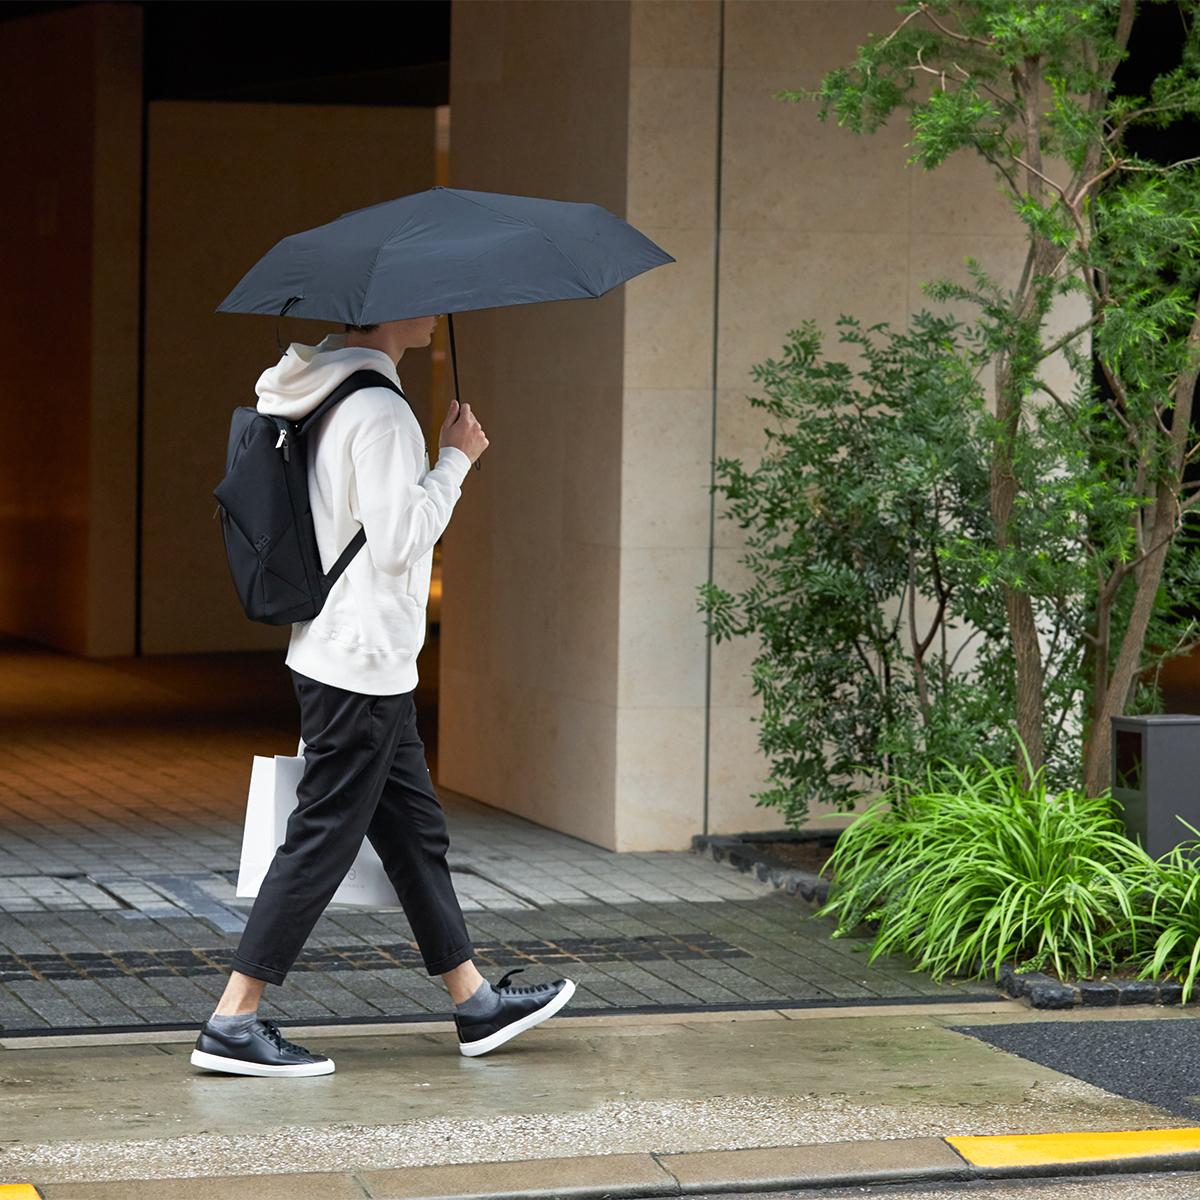 強風に耐え、開閉操作を繰り返しても壊れにくい。親指1本でカンタン開閉、なのに驚くほど軽い「ワンタッチ開閉式折りたたみ傘」|VERYKAL